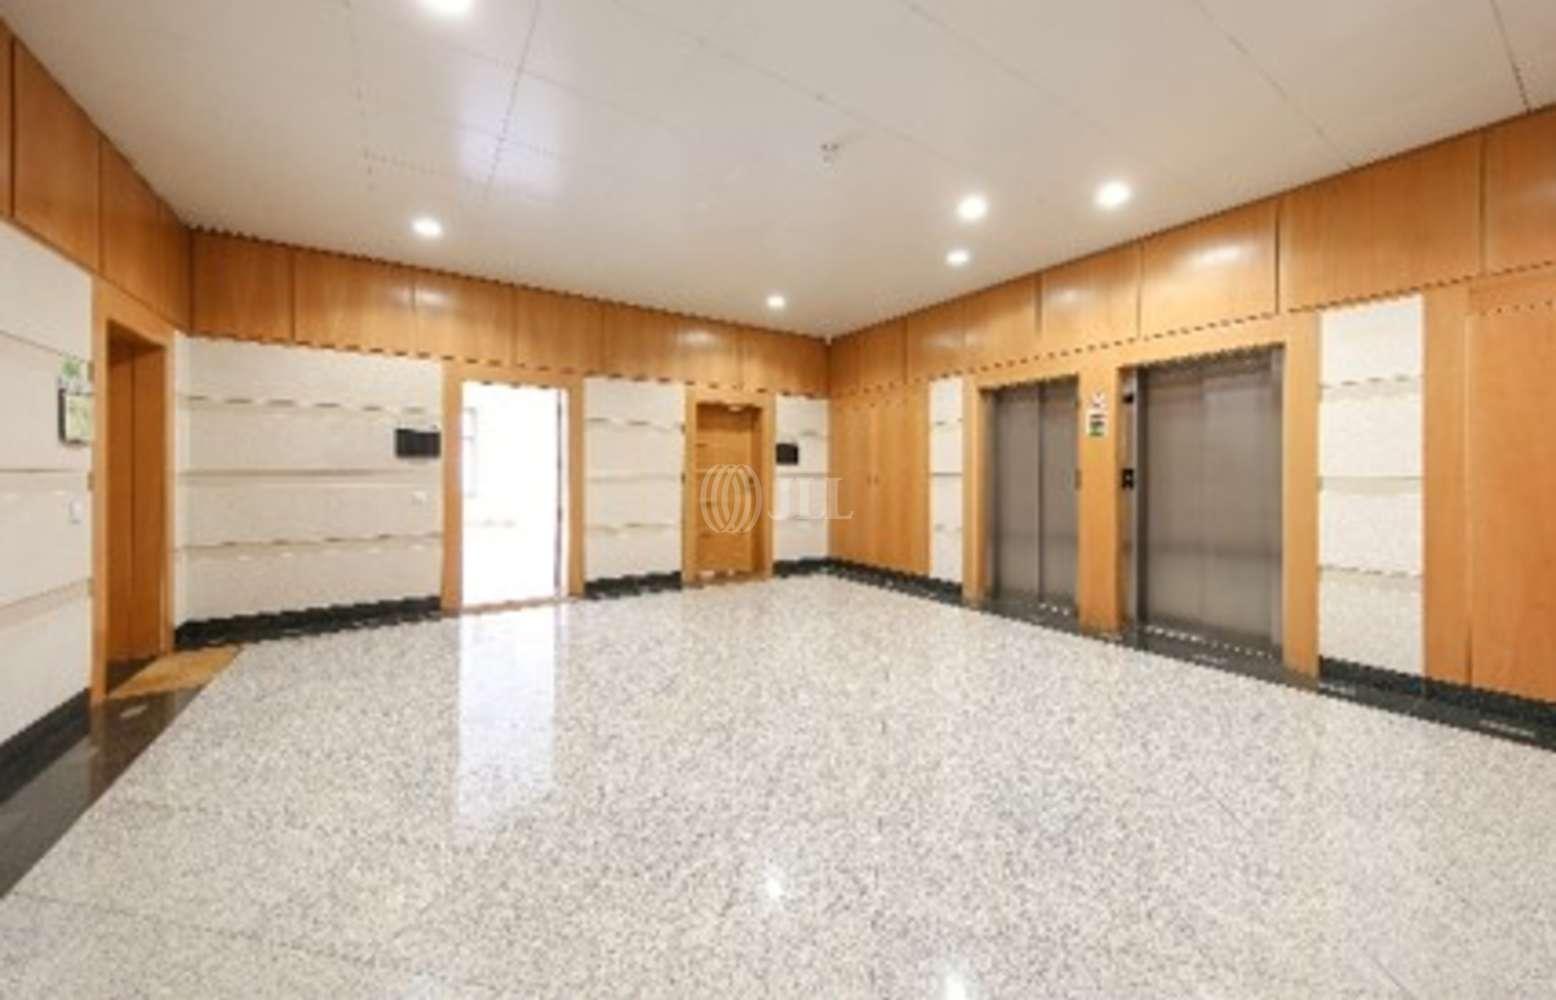 Escritórios Linho, 2710-693 - Beloura Office Park - E 13 - 133